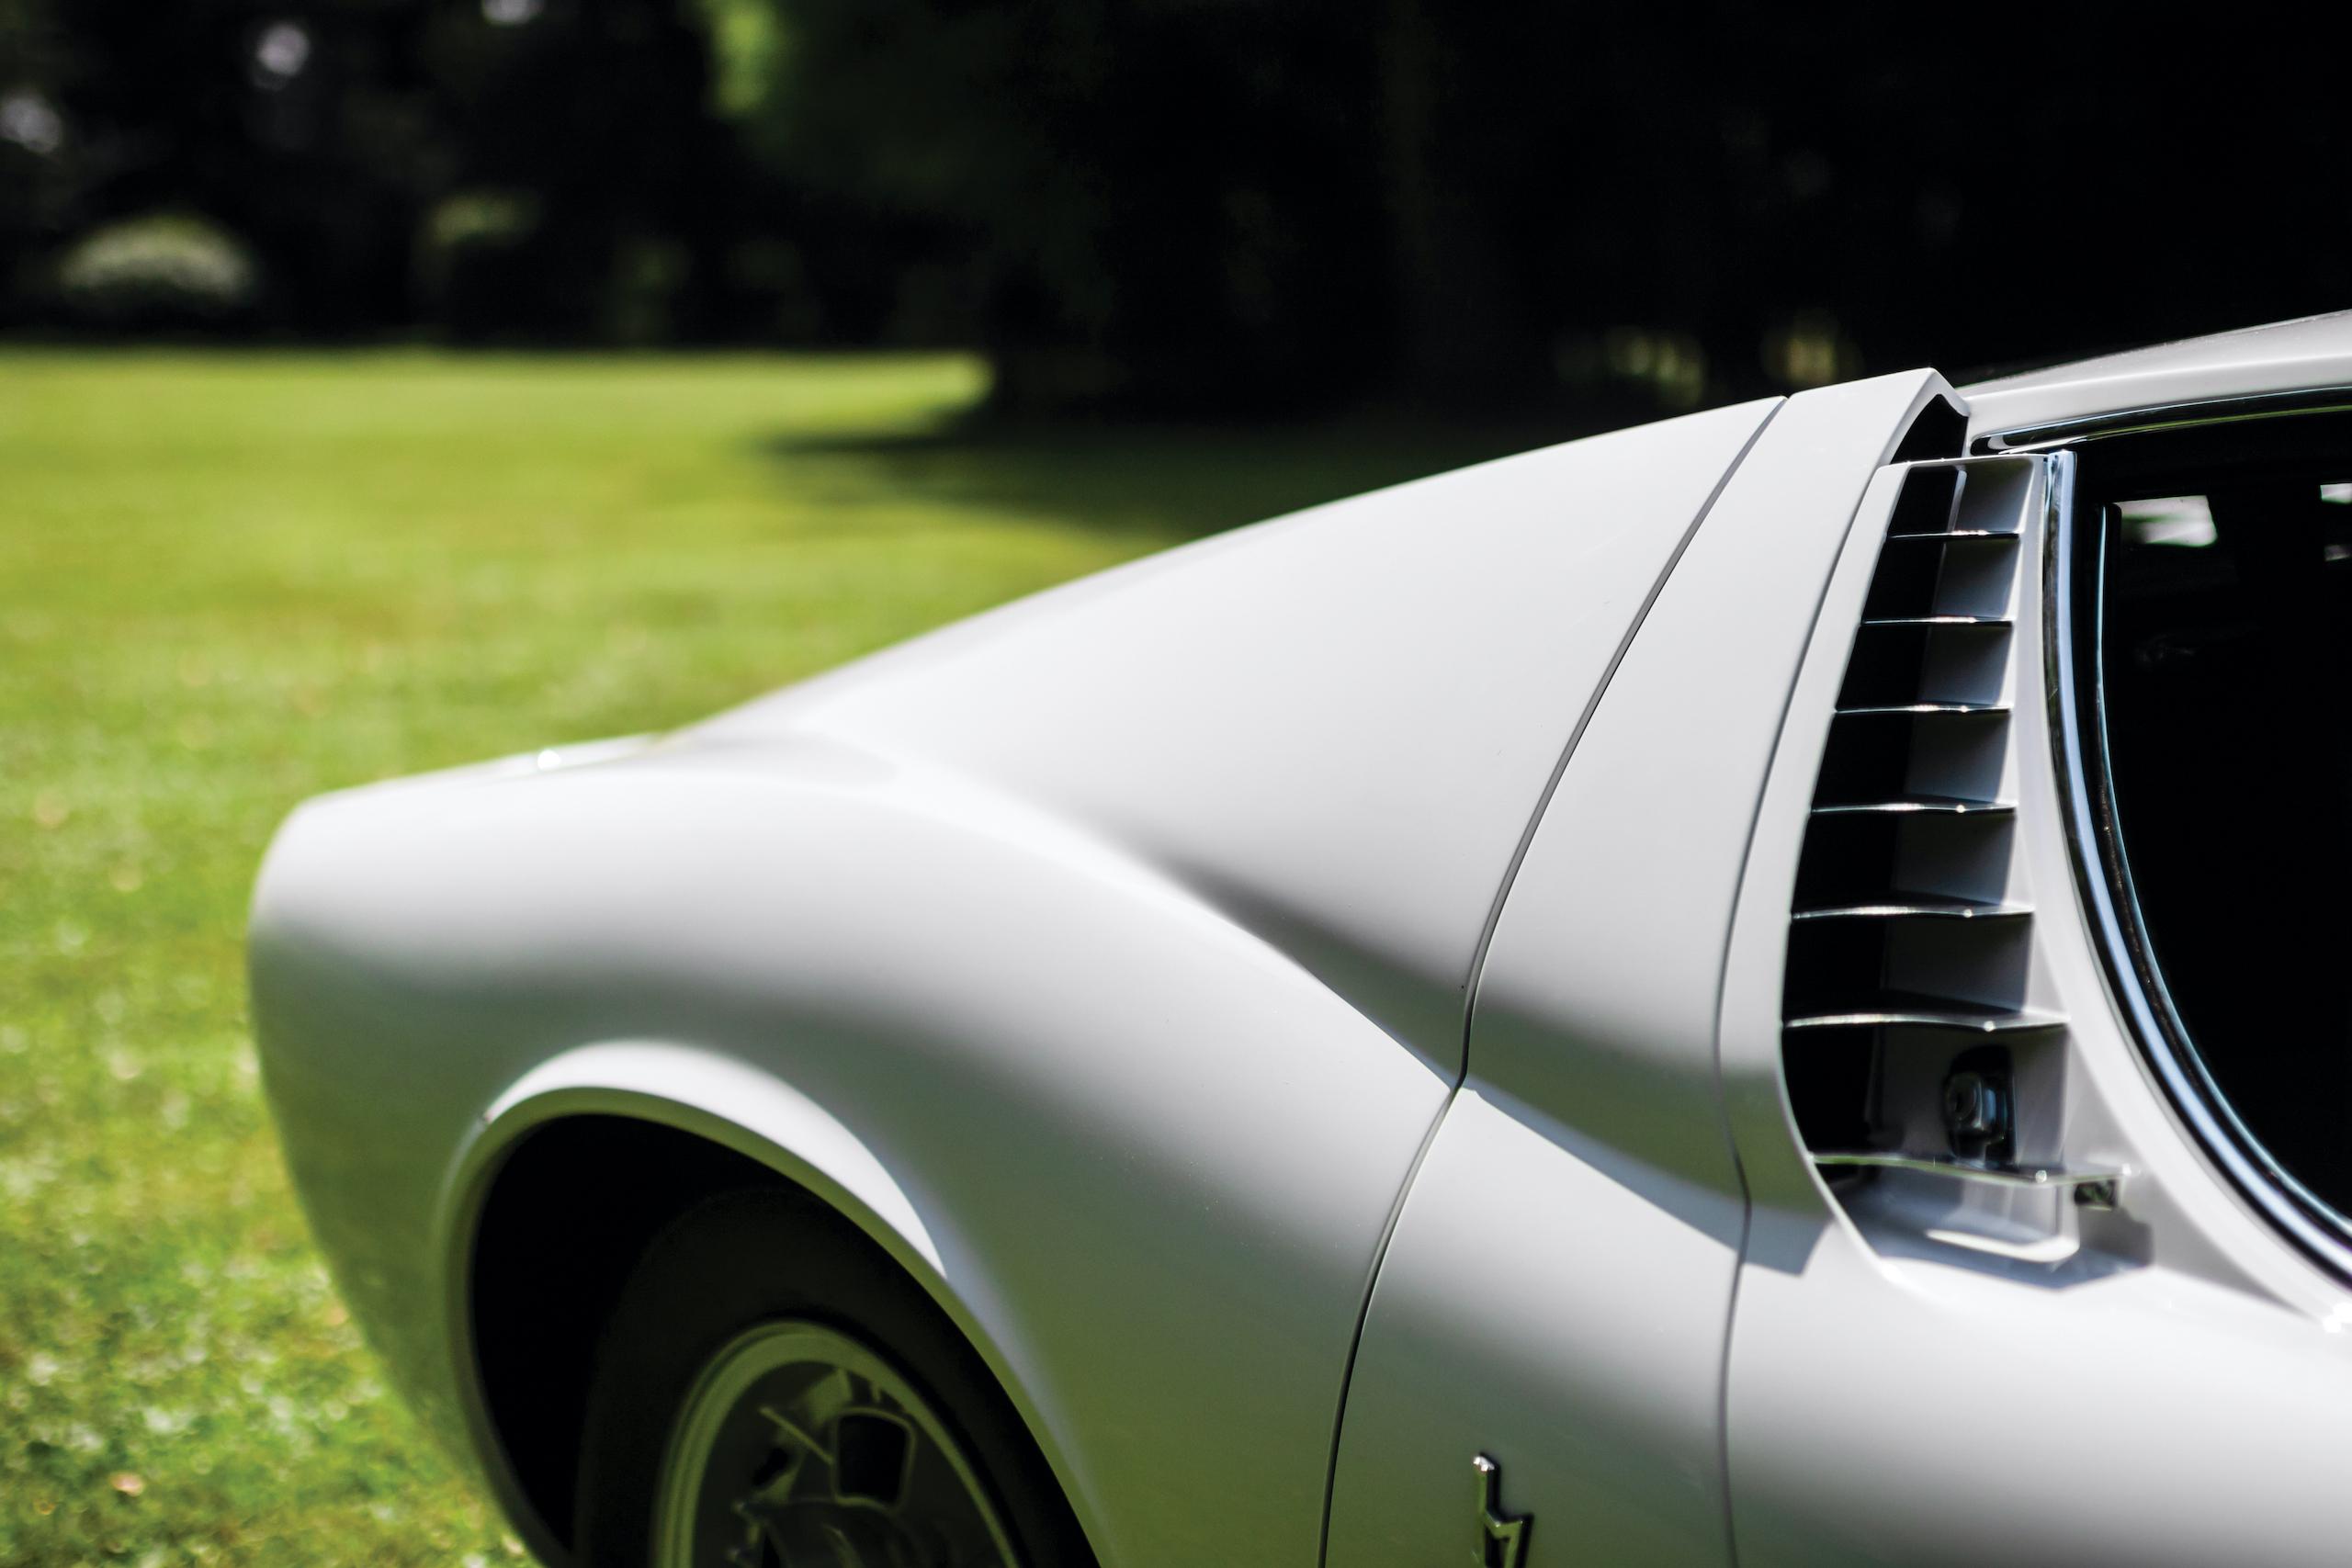 1971 Lamborghini Miura P400 S by Bertone side panel detail